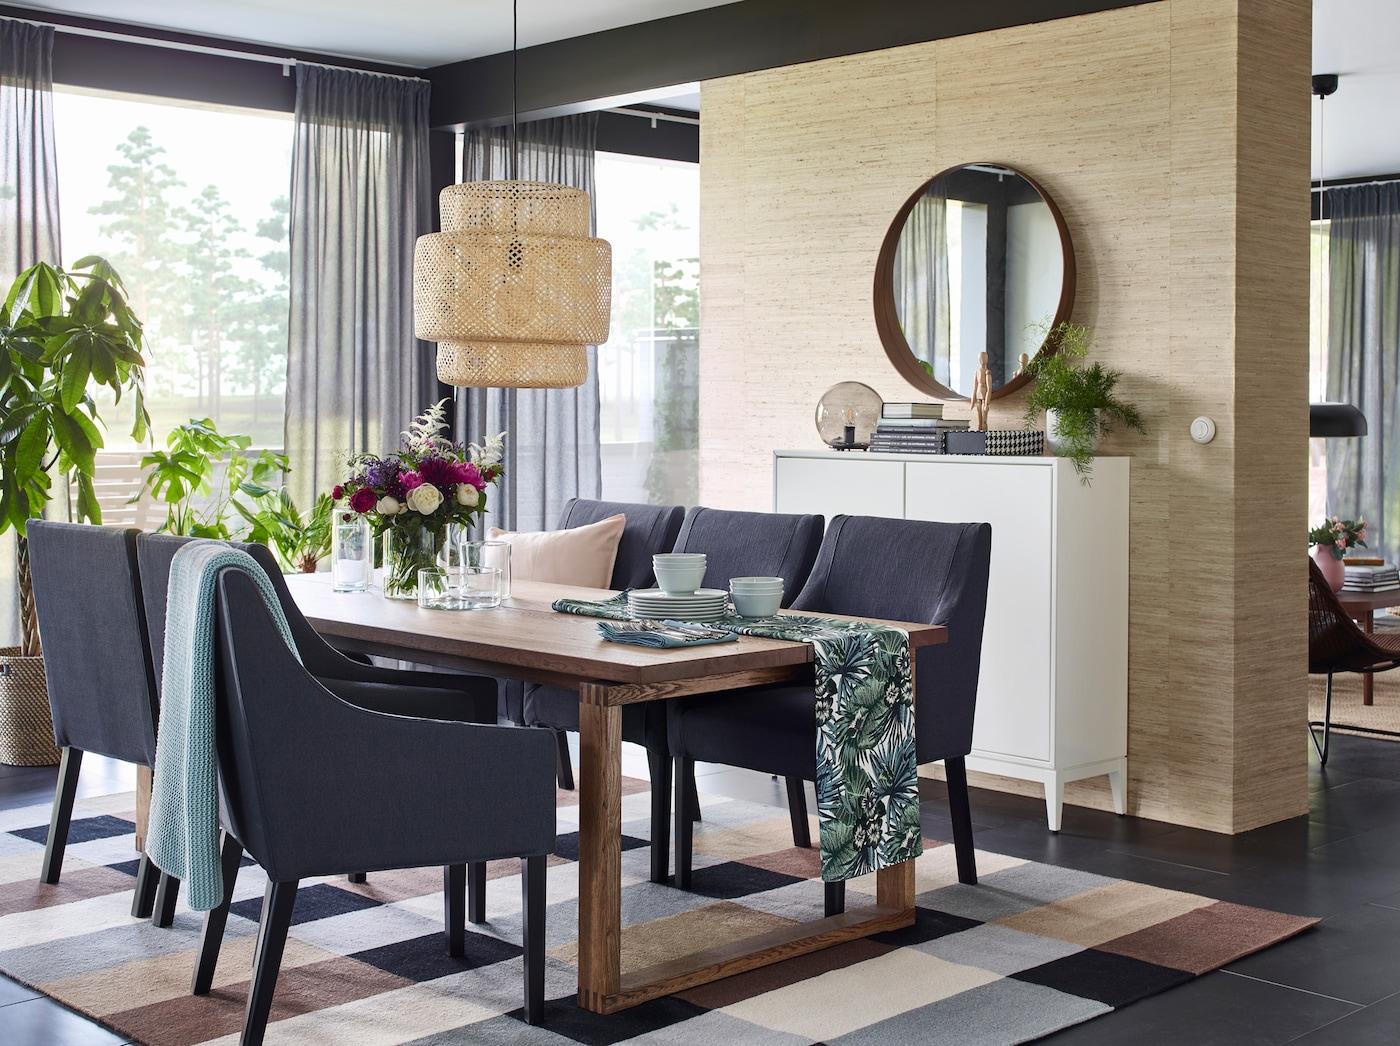 Modernes Esszimmer in Naturtönen mit zarten Mustern & abgetrennter Wand zum Wohnbereich